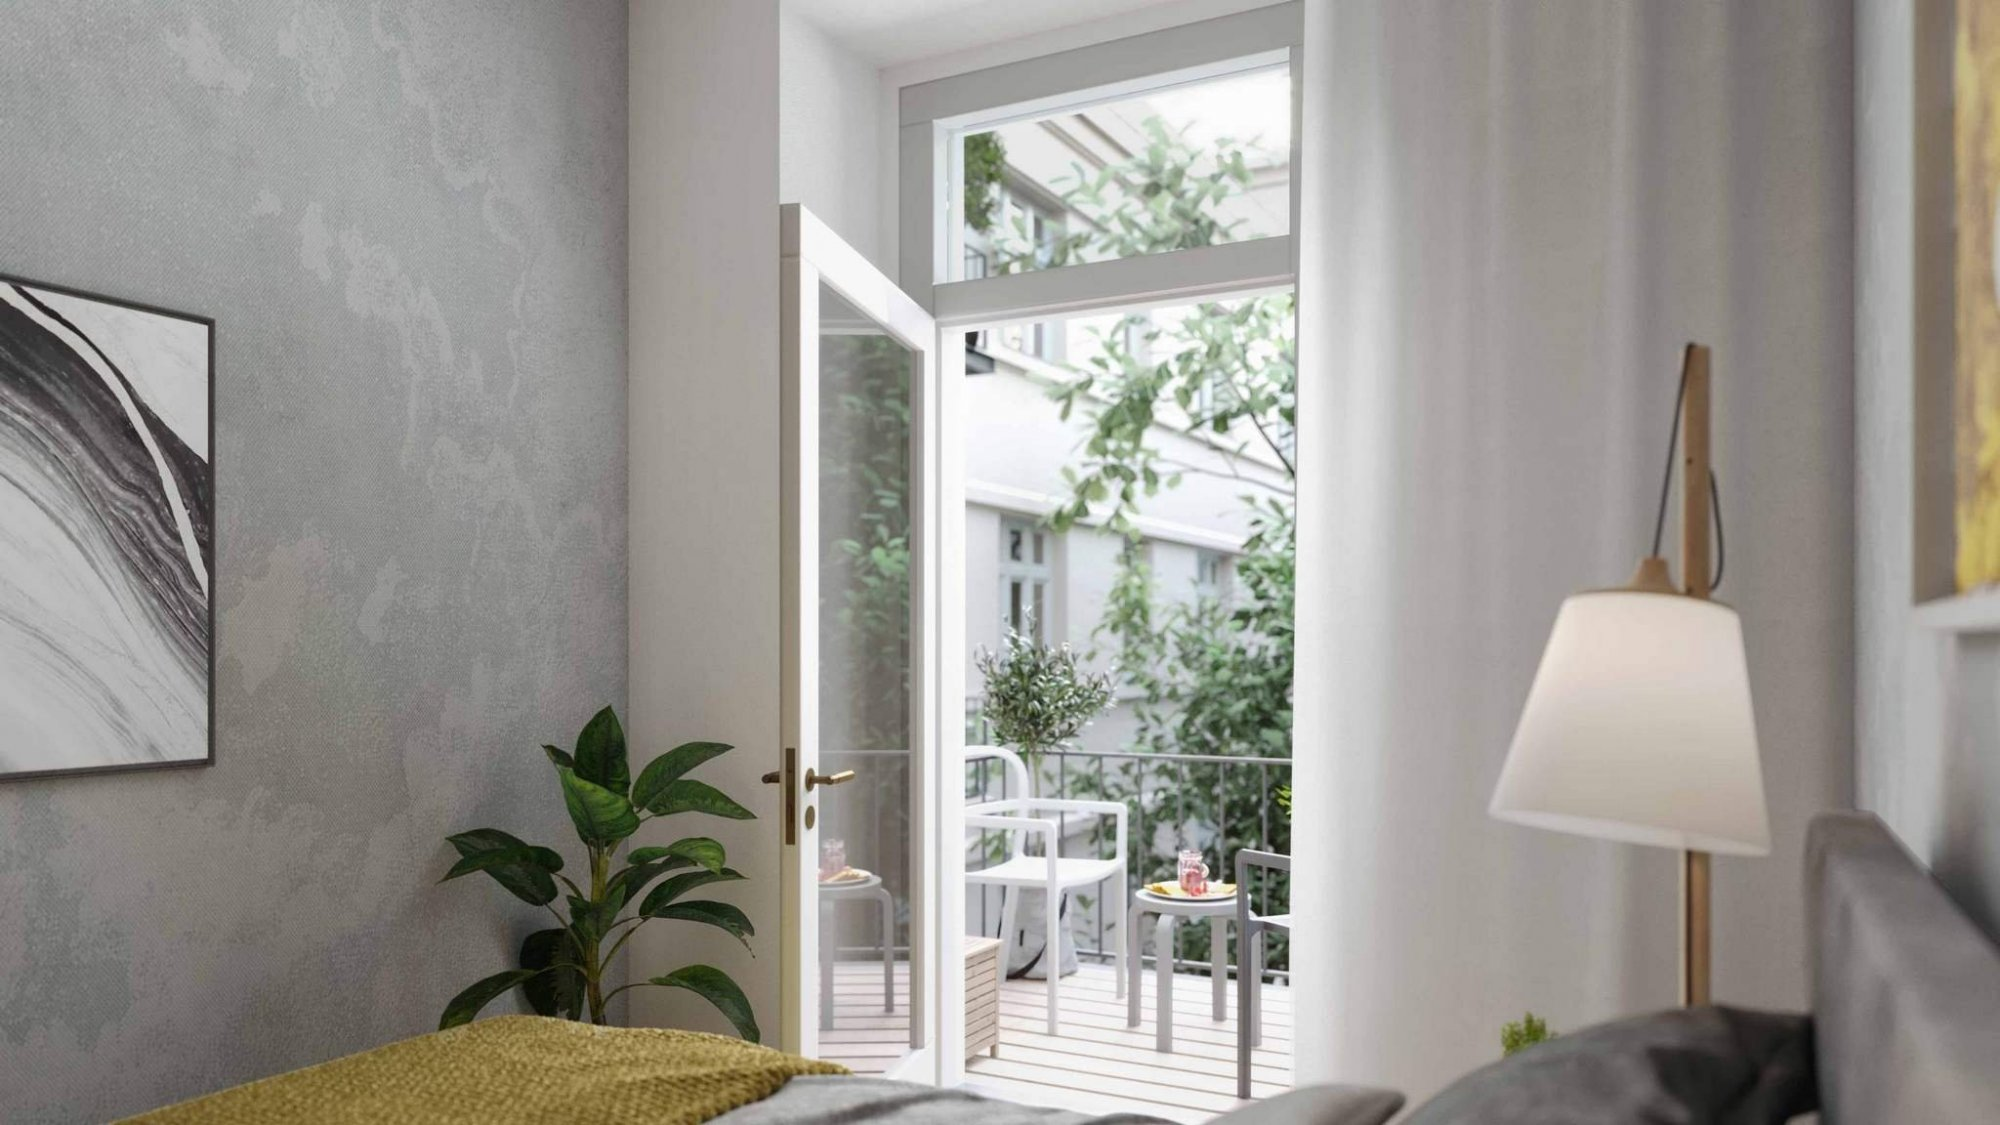 Vizulizace jednoho z bytů - Půdní byt 2+kk, plocha 40 m², ulice Lindnerova, Praha 8 - Libeň | 3